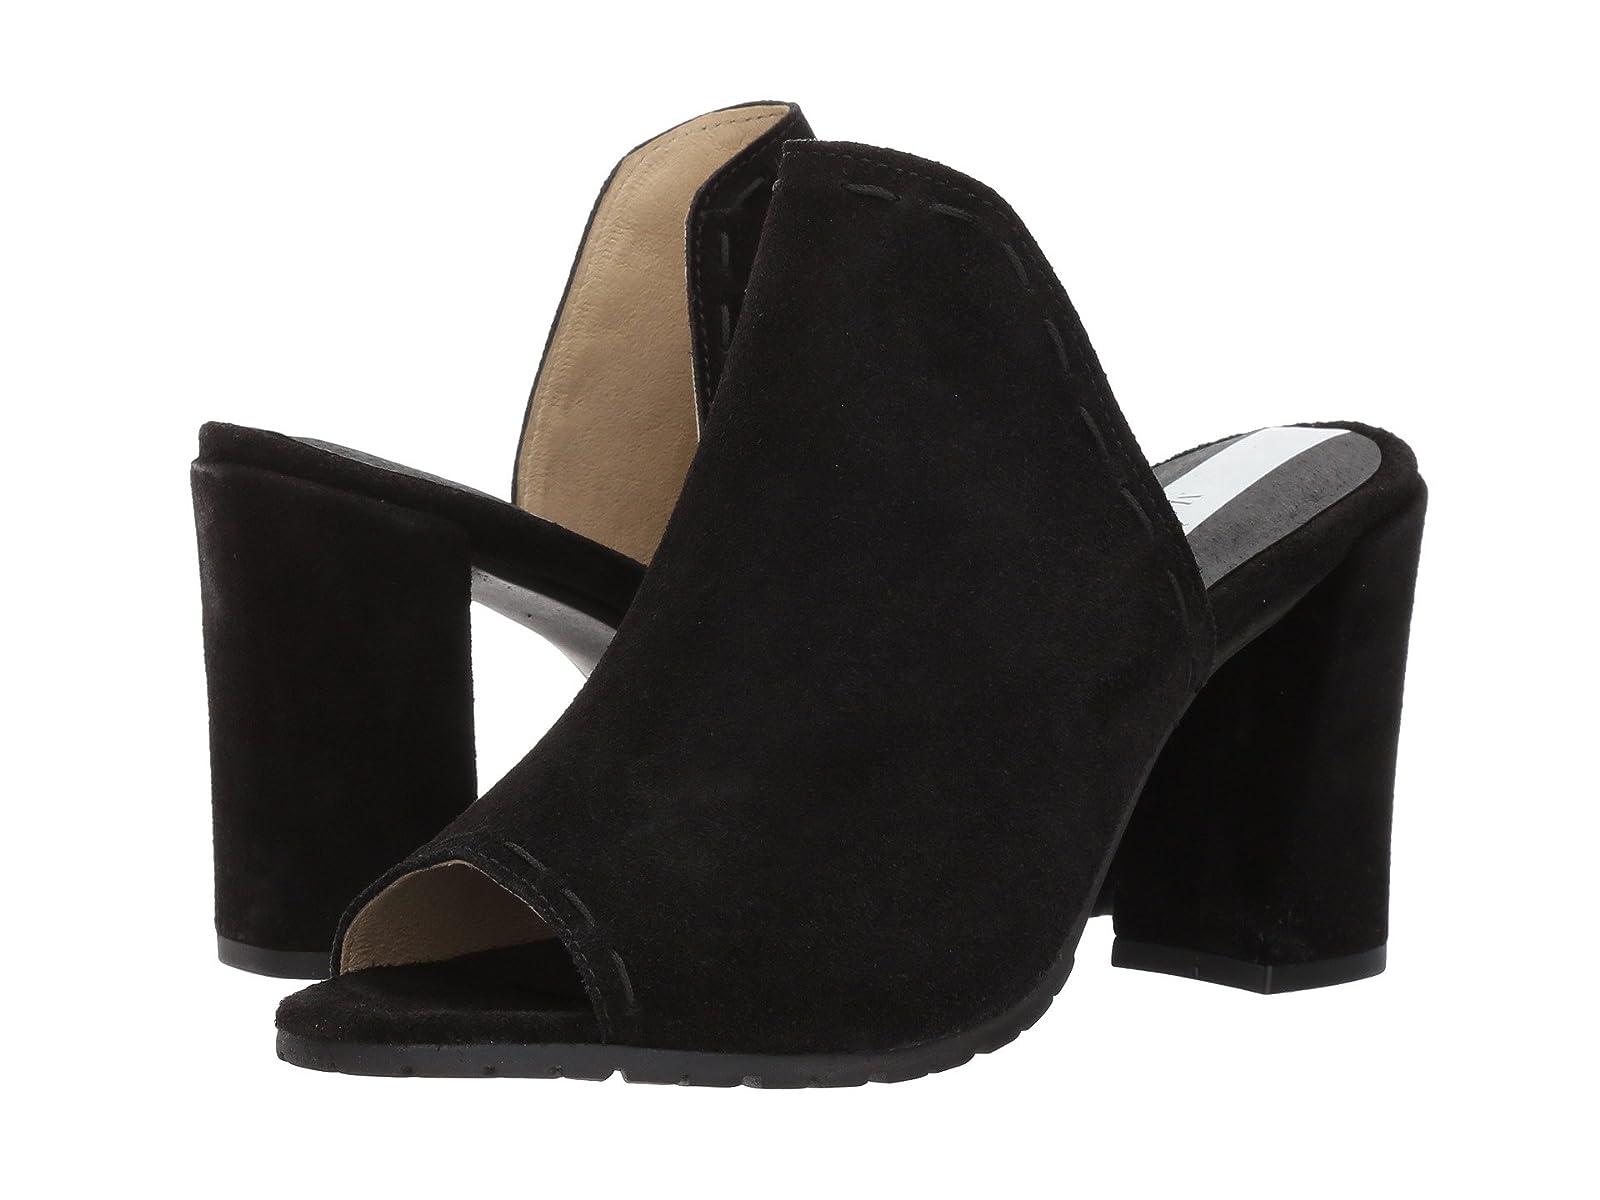 Matt Bernson GardeCheap and distinctive eye-catching shoes